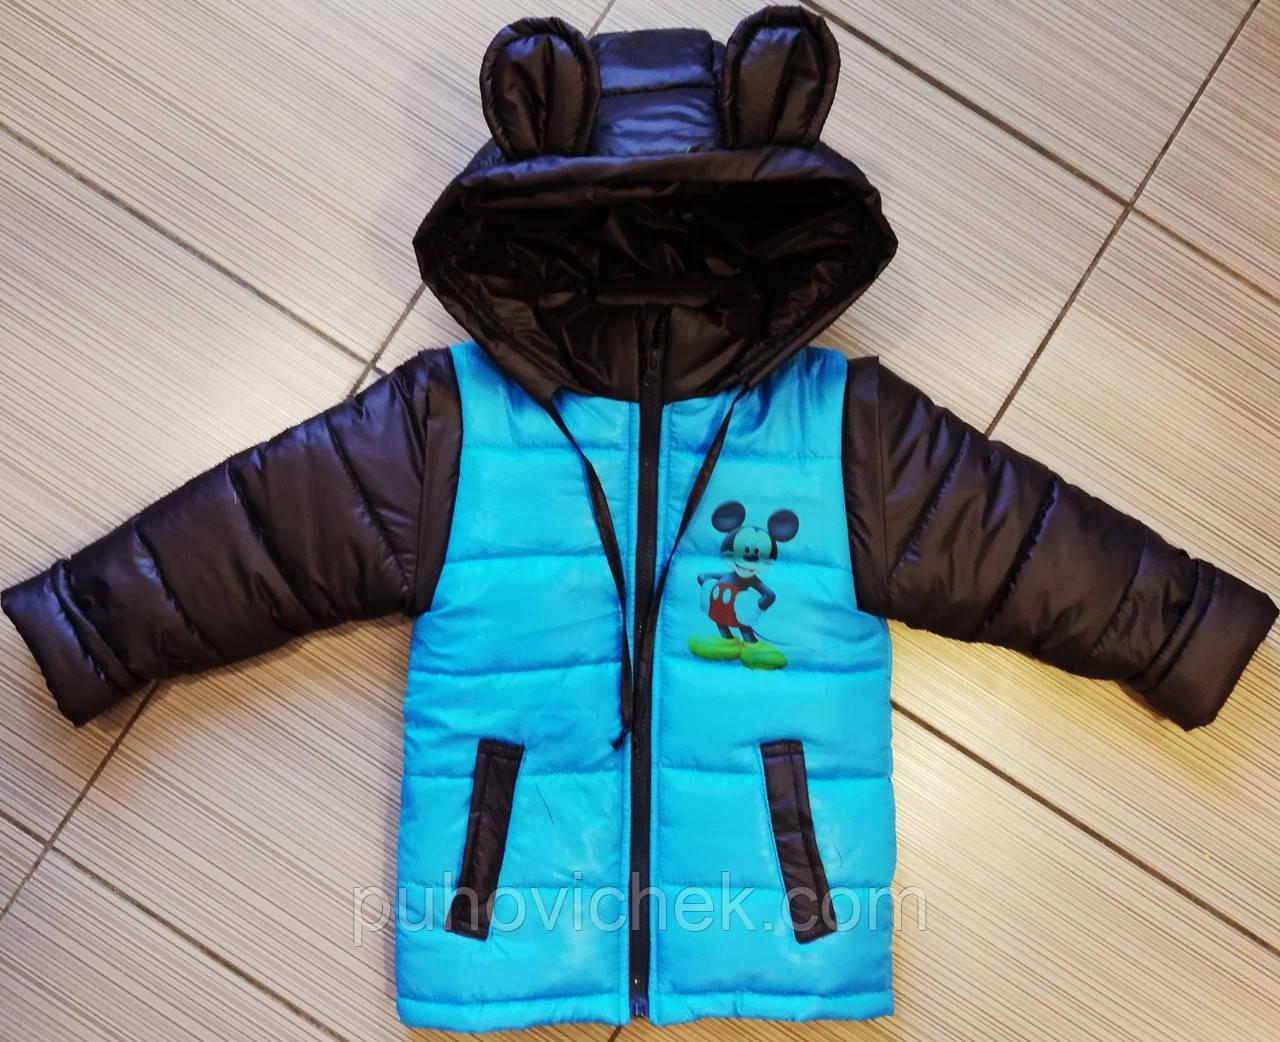 Стильная курточка для мальчика весенняя хорошего качества